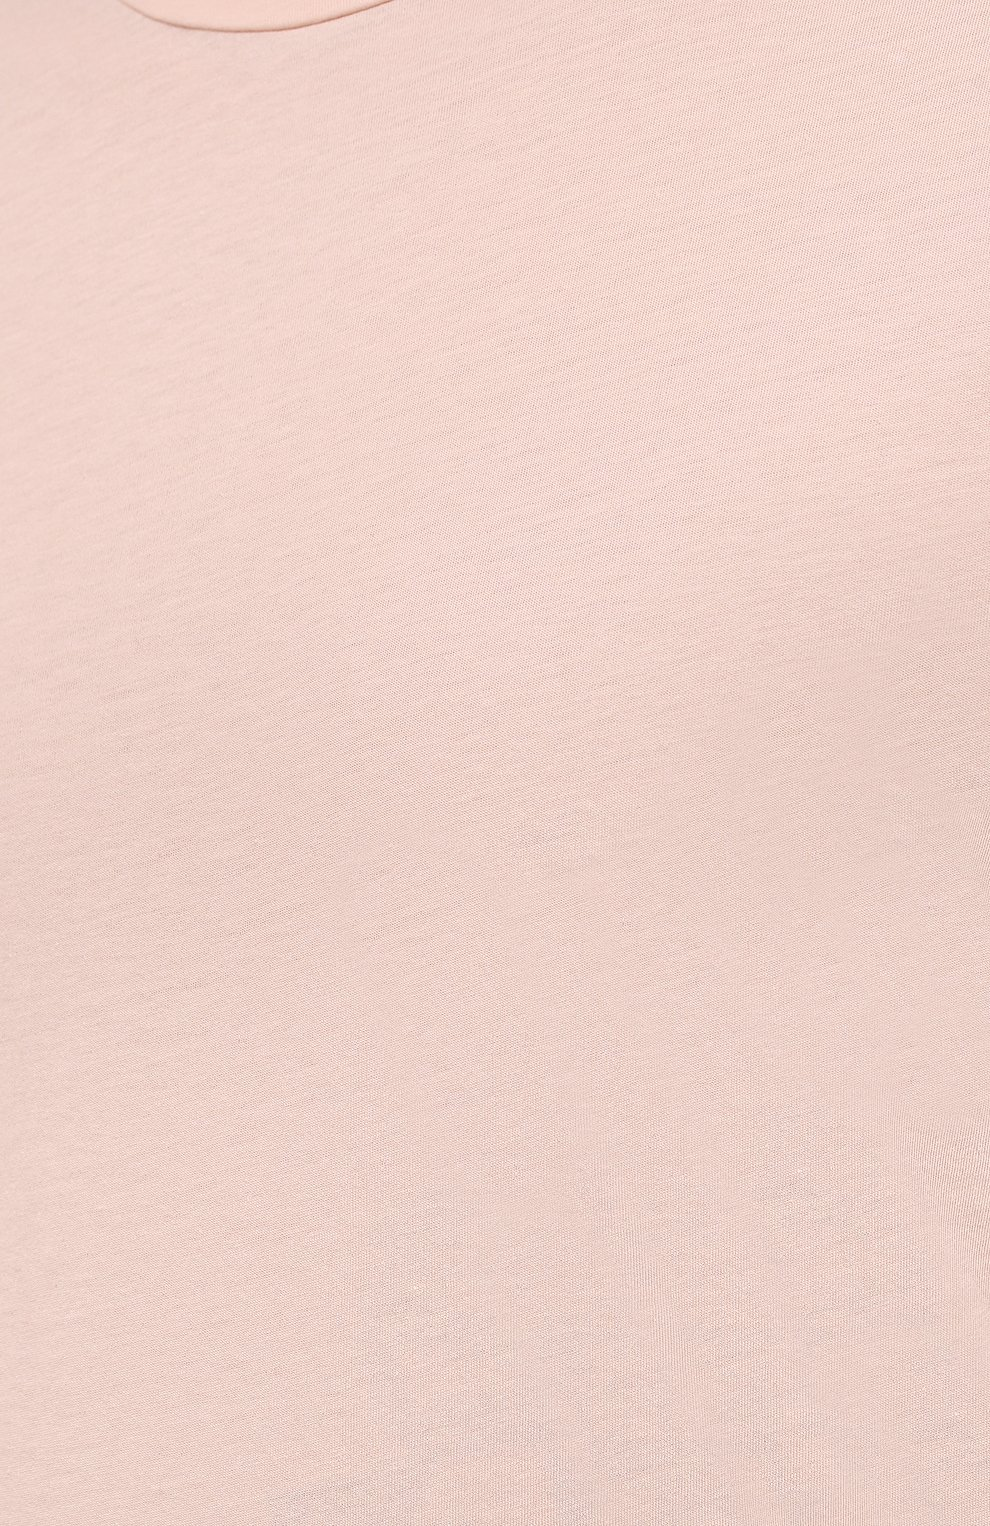 Мужская хлопковая футболка ORLEBAR BROWN бежевого цвета, арт. 274181 | Фото 5 (Кросс-КТ: Пляж; Принт: Без принта; Рукава: Короткие; Длина (для топов): Стандартные; Материал внешний: Хлопок; Стили: Кэжуэл)